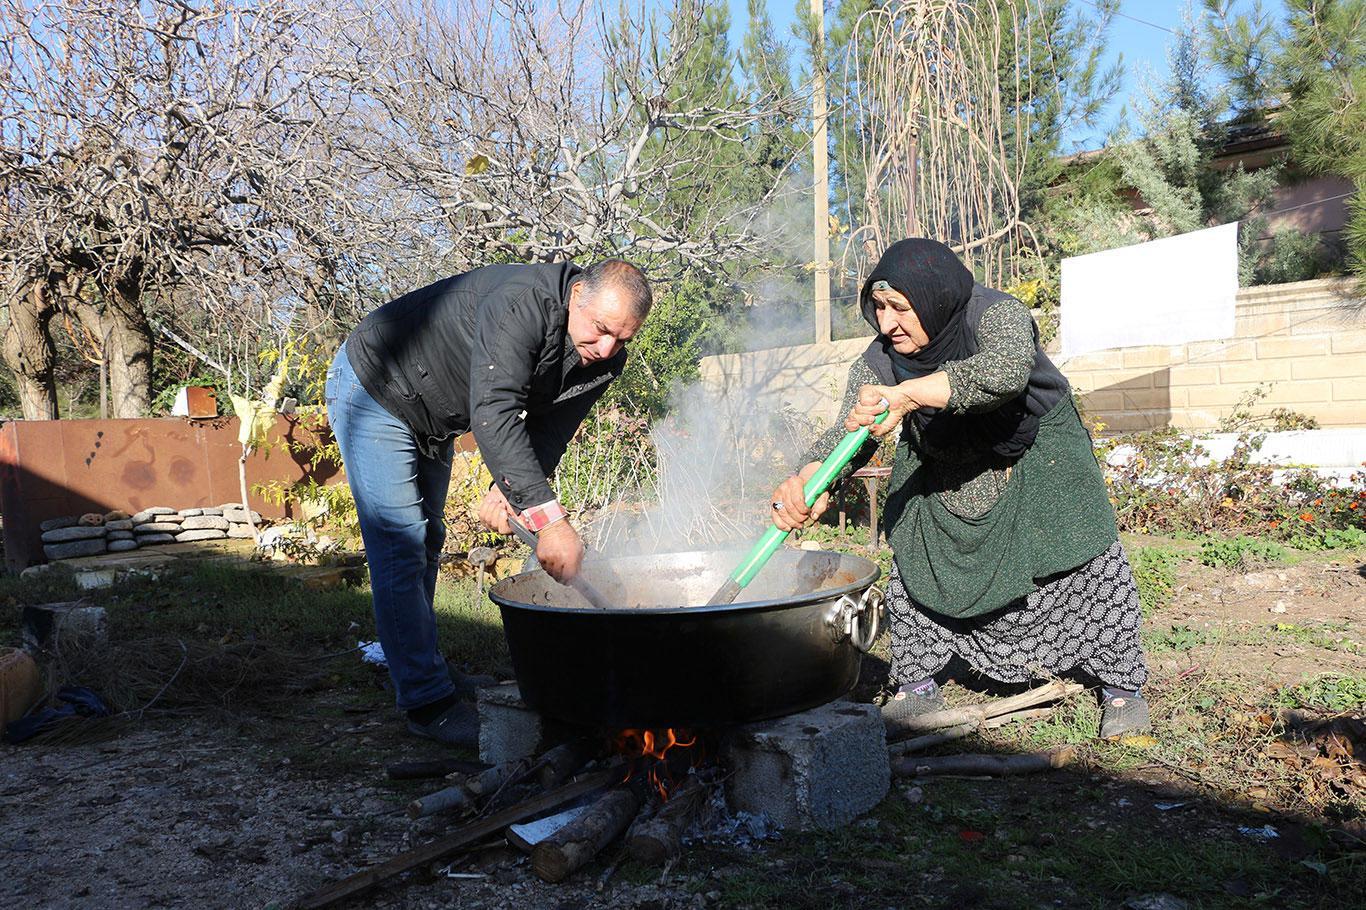 Yüzyıllardır devam eden gelenek: Qelî